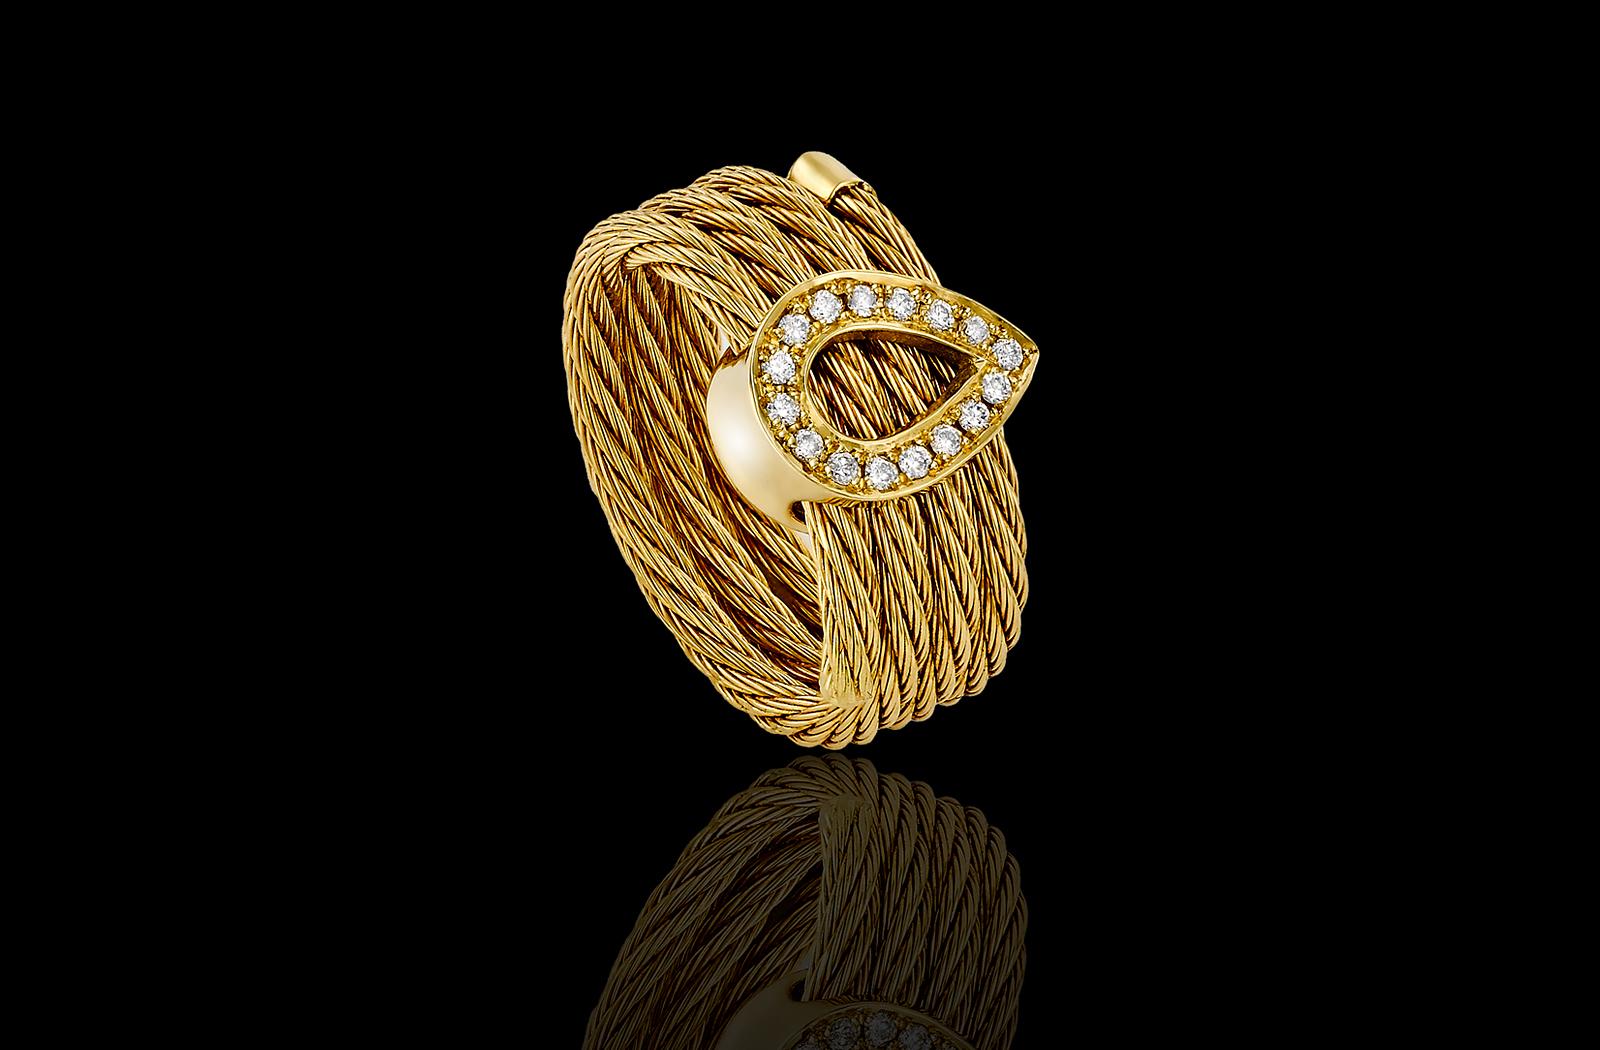 טבעת בזהב צהוב 18K המשלבת טיפת זהב שמשובצת יהלומים